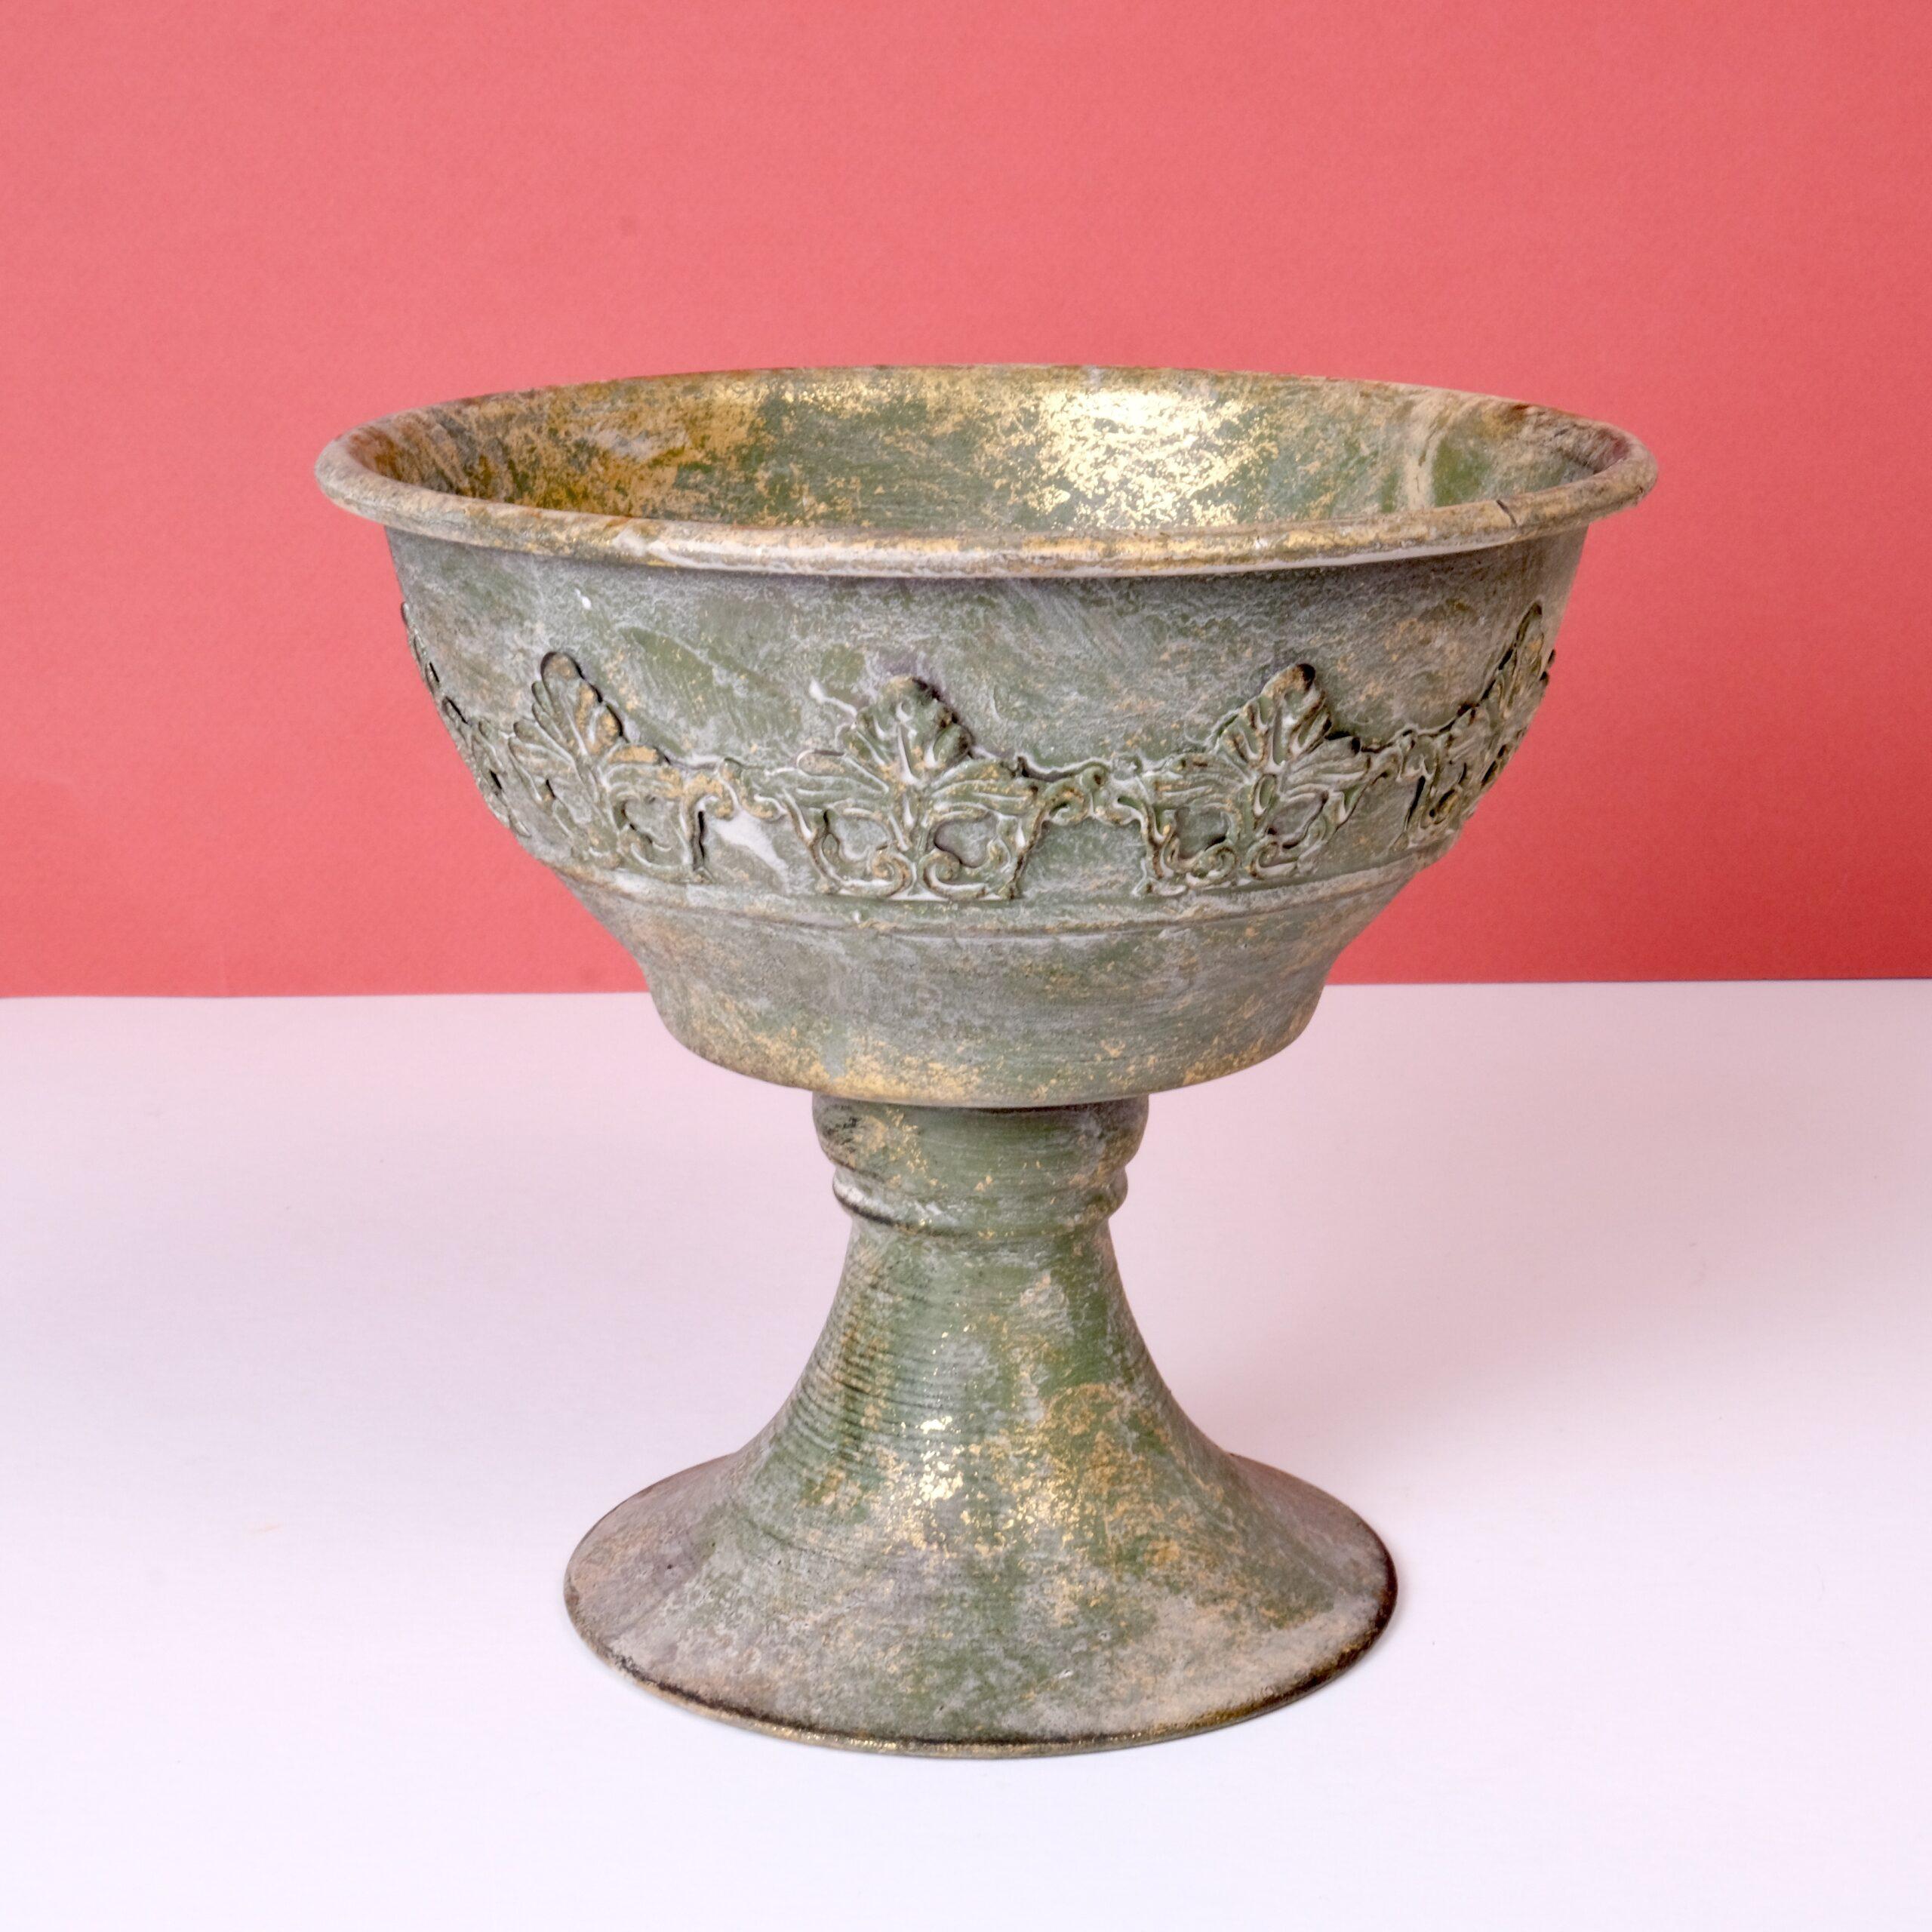 coupe-a-pied-M-bronze-fleuriste-lyon-atelier-lavarenne